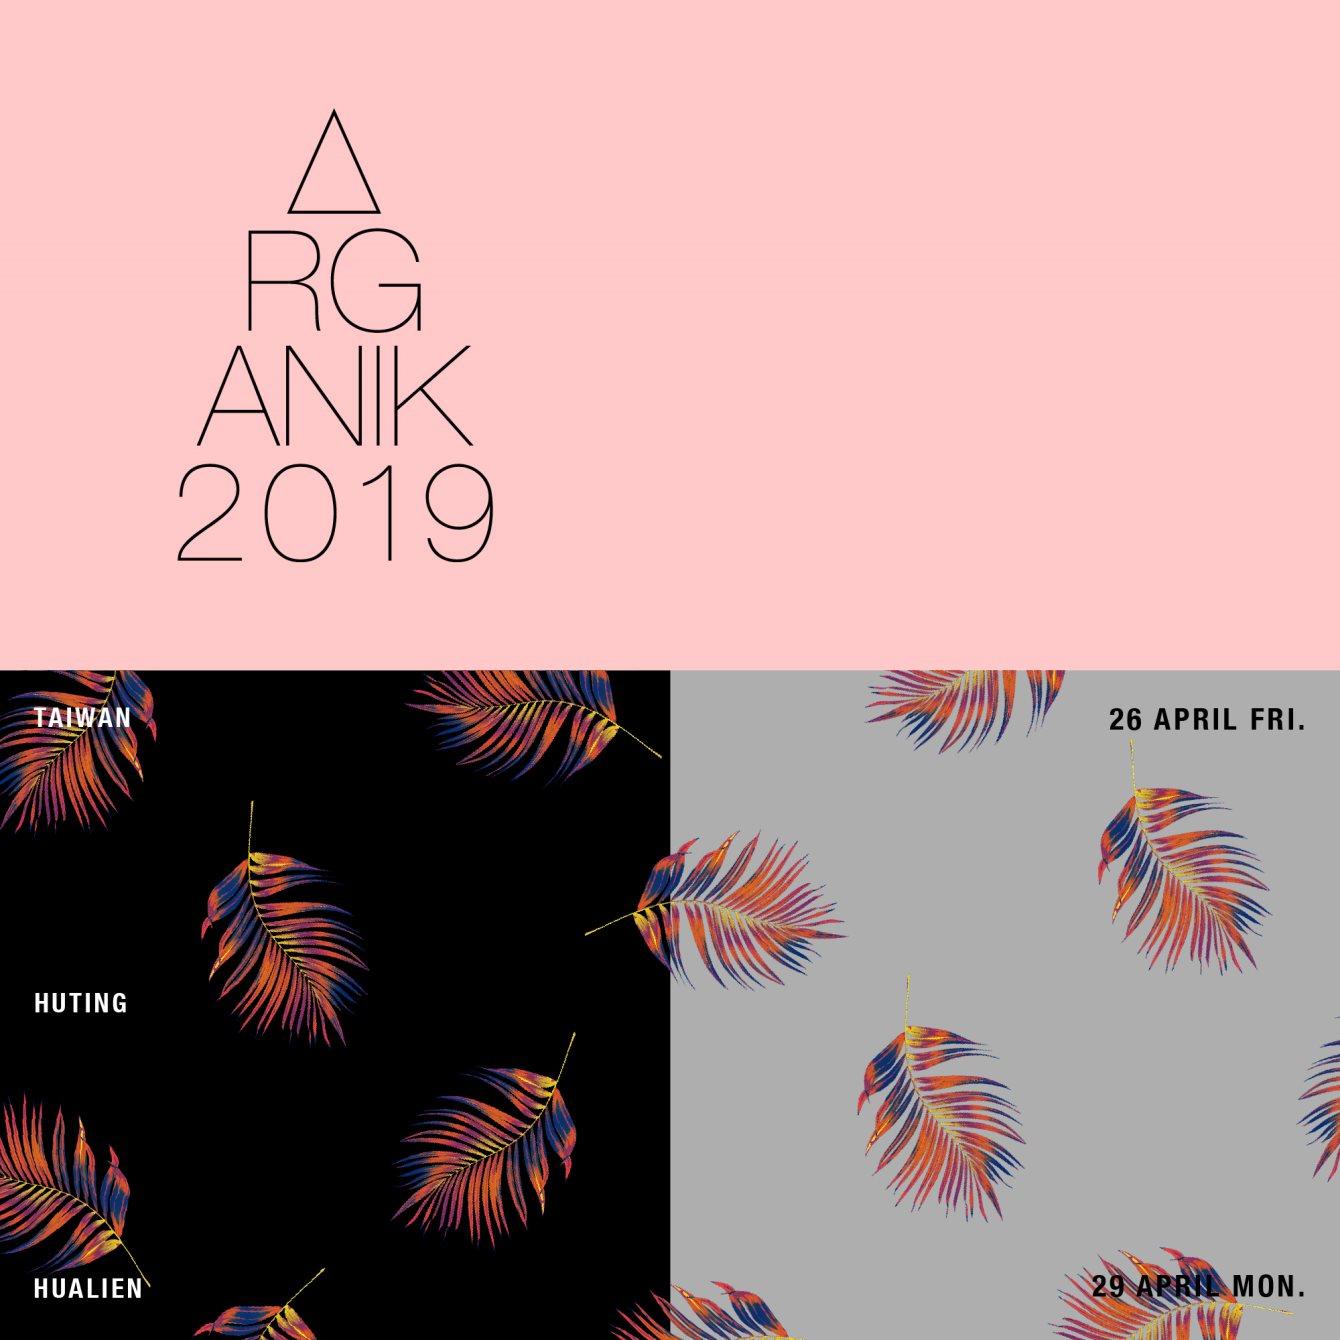 RA: Organik Festival 2019 at Huting, Taiwan